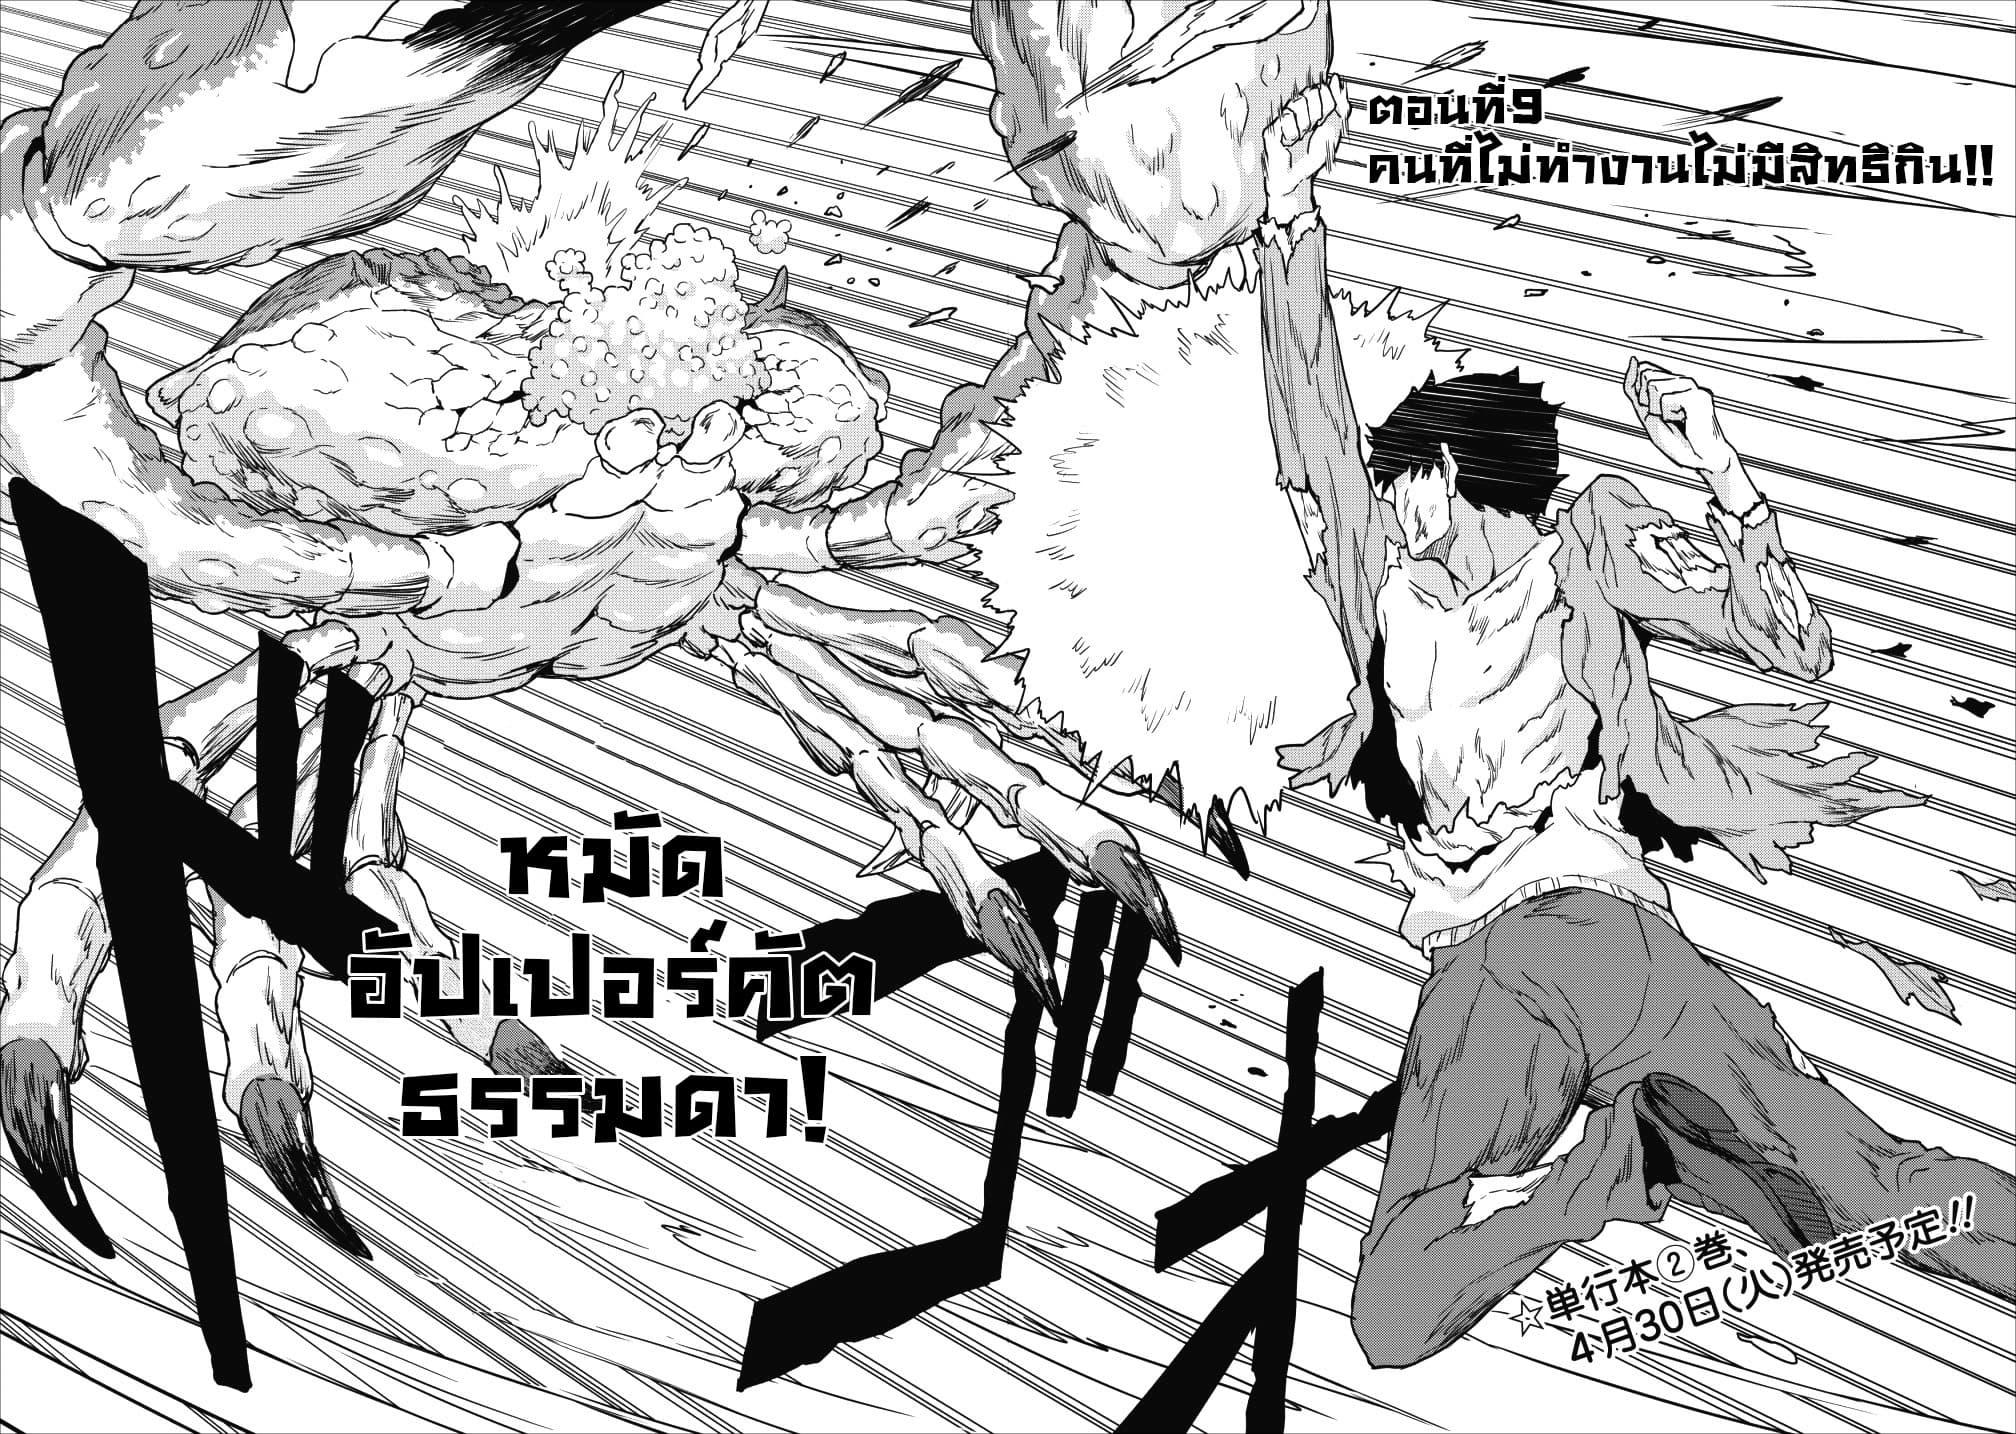 อ่านการ์ตูน Taberu Dake de Level-Up! Damegami to Issho ni Isekai Musou ตอนที่ 9 หน้าที่ 2